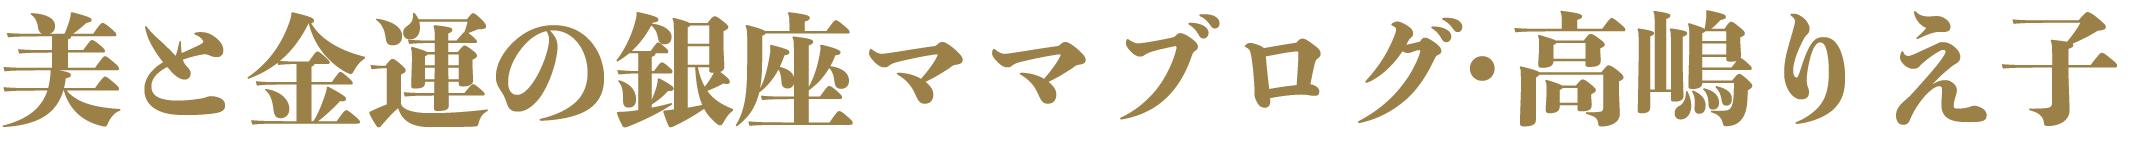 【公式】銀座クラブ高嶋ホームページ  美と金運の銀座ママブログ高嶋りえ子